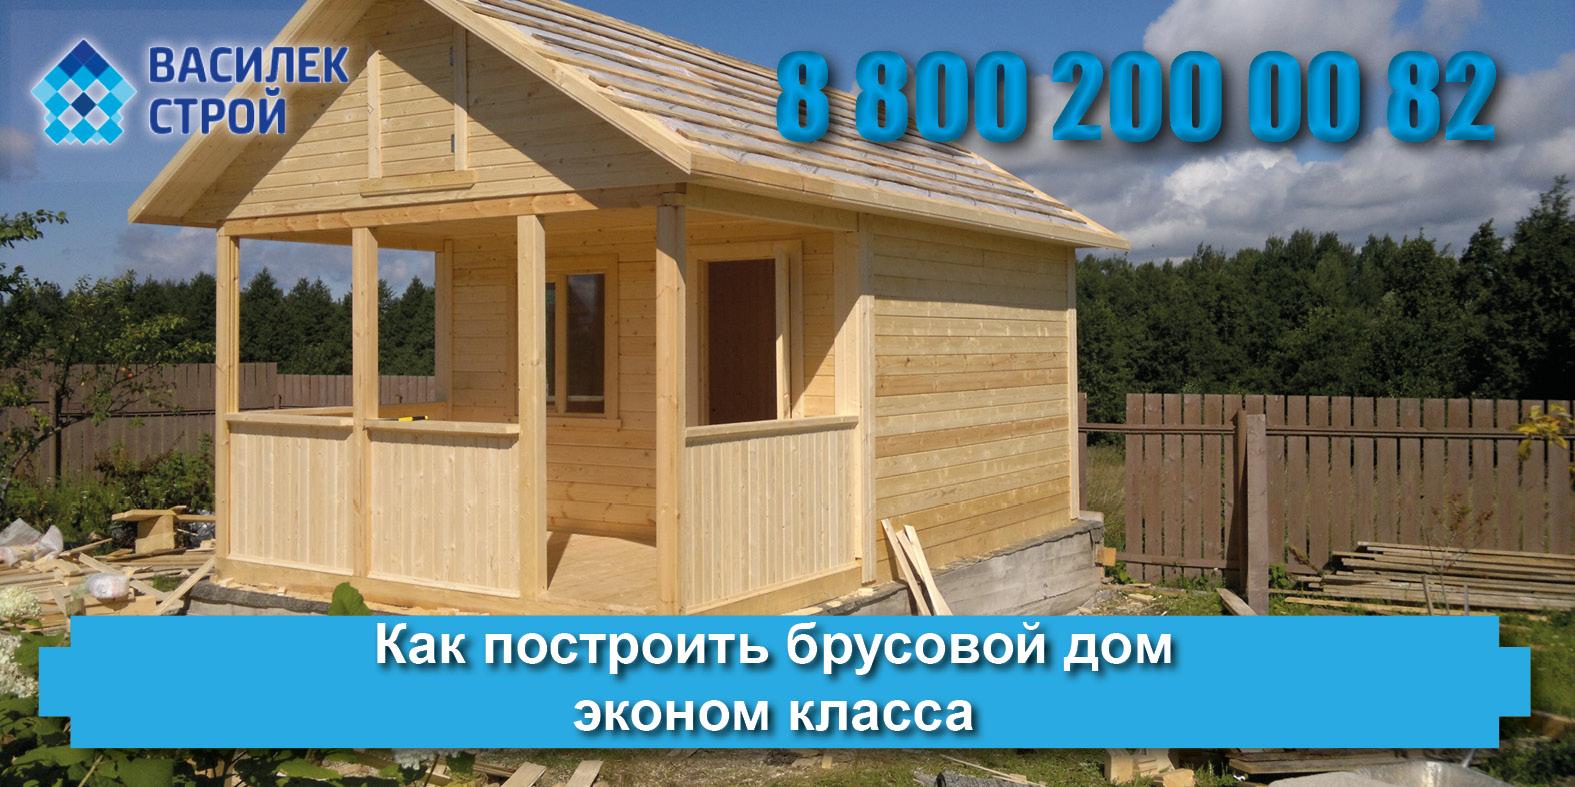 Качественно построить брусовой дом эконом класса дешево